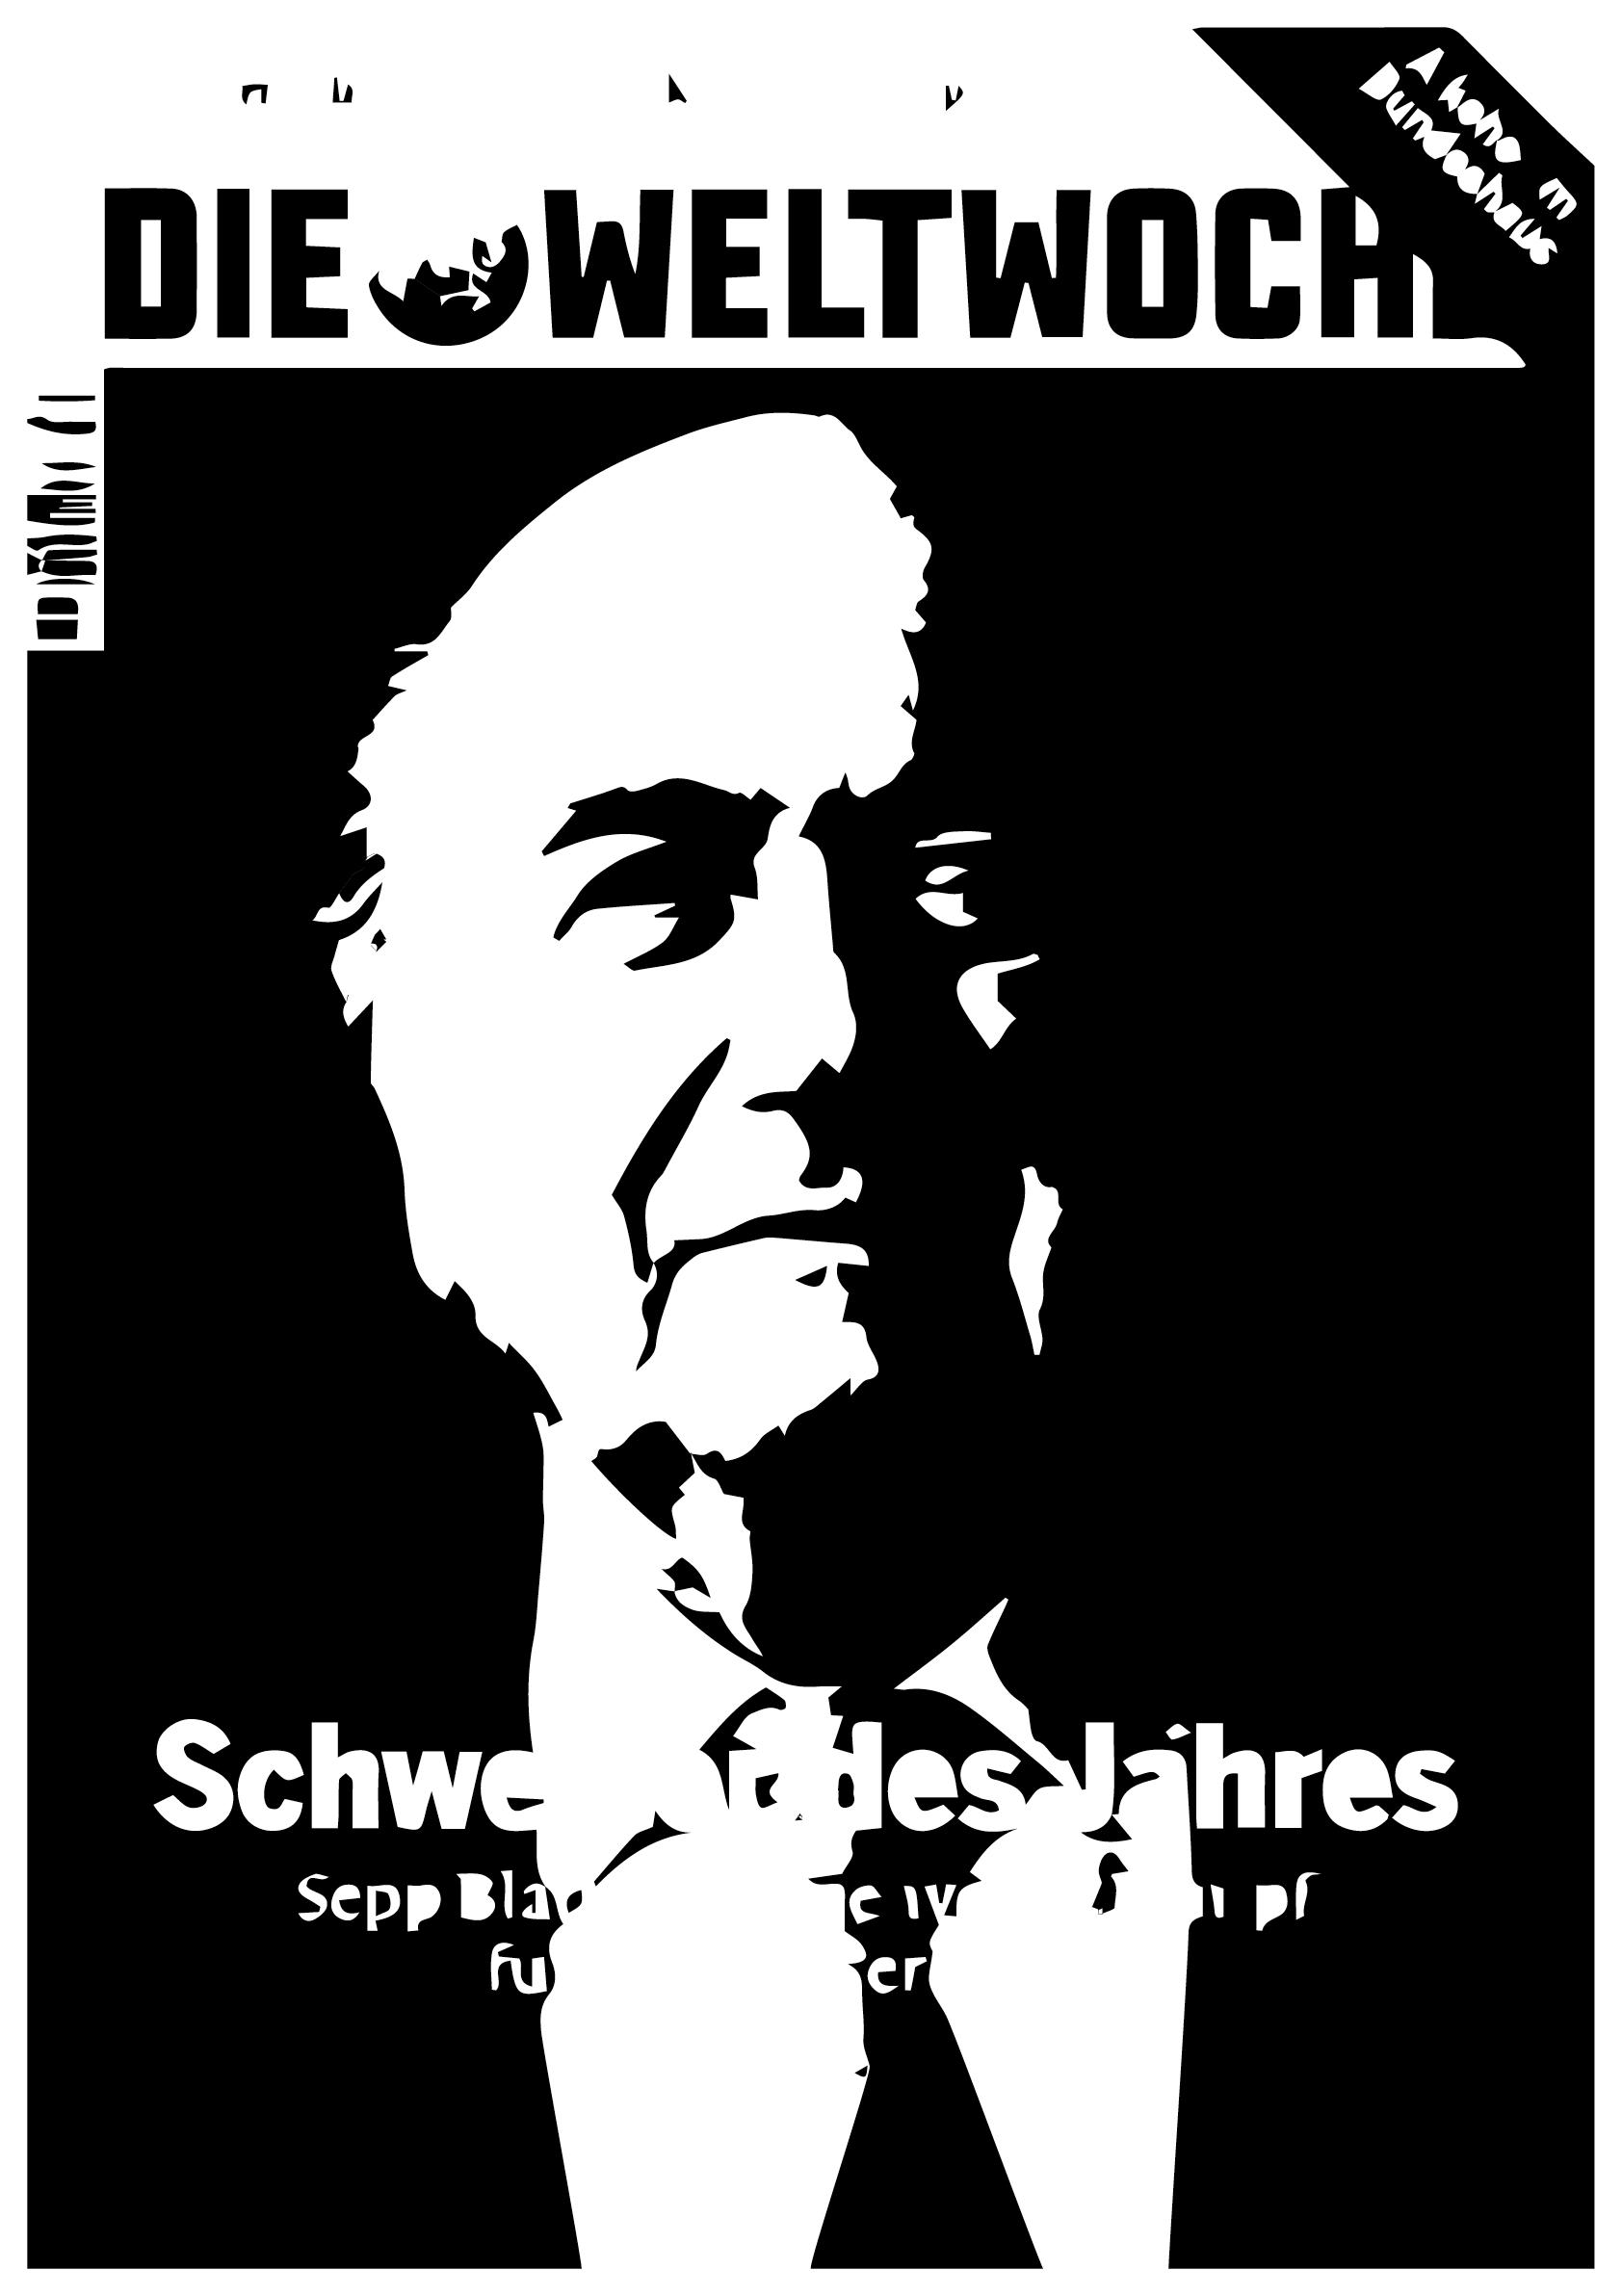 """Dr bahrainisch Ölscheich Salman bin Ebrahim Al Khalifa,  Wird högschdwoorschyynlich bald dr Nochfolger vom Blatter bi dr Fifa.  Au mir glaube är wär für das Amt genau dr richtig Maa,  Well är Ölscheich sicherlich am beschte Schmiire kaa.  -----------  Dr Hermann Göring isch kei Mörder, sondern e verkannts Genie,  Und statt in d Kischte miesst dr Blatter nämmlig """"Mann des Jahres"""" syy. Und dr Köppel isch, wenn me die dritt Enthüllig au no miech, Kei Nationalroot, sondern eifach nur e dumme Siech."""